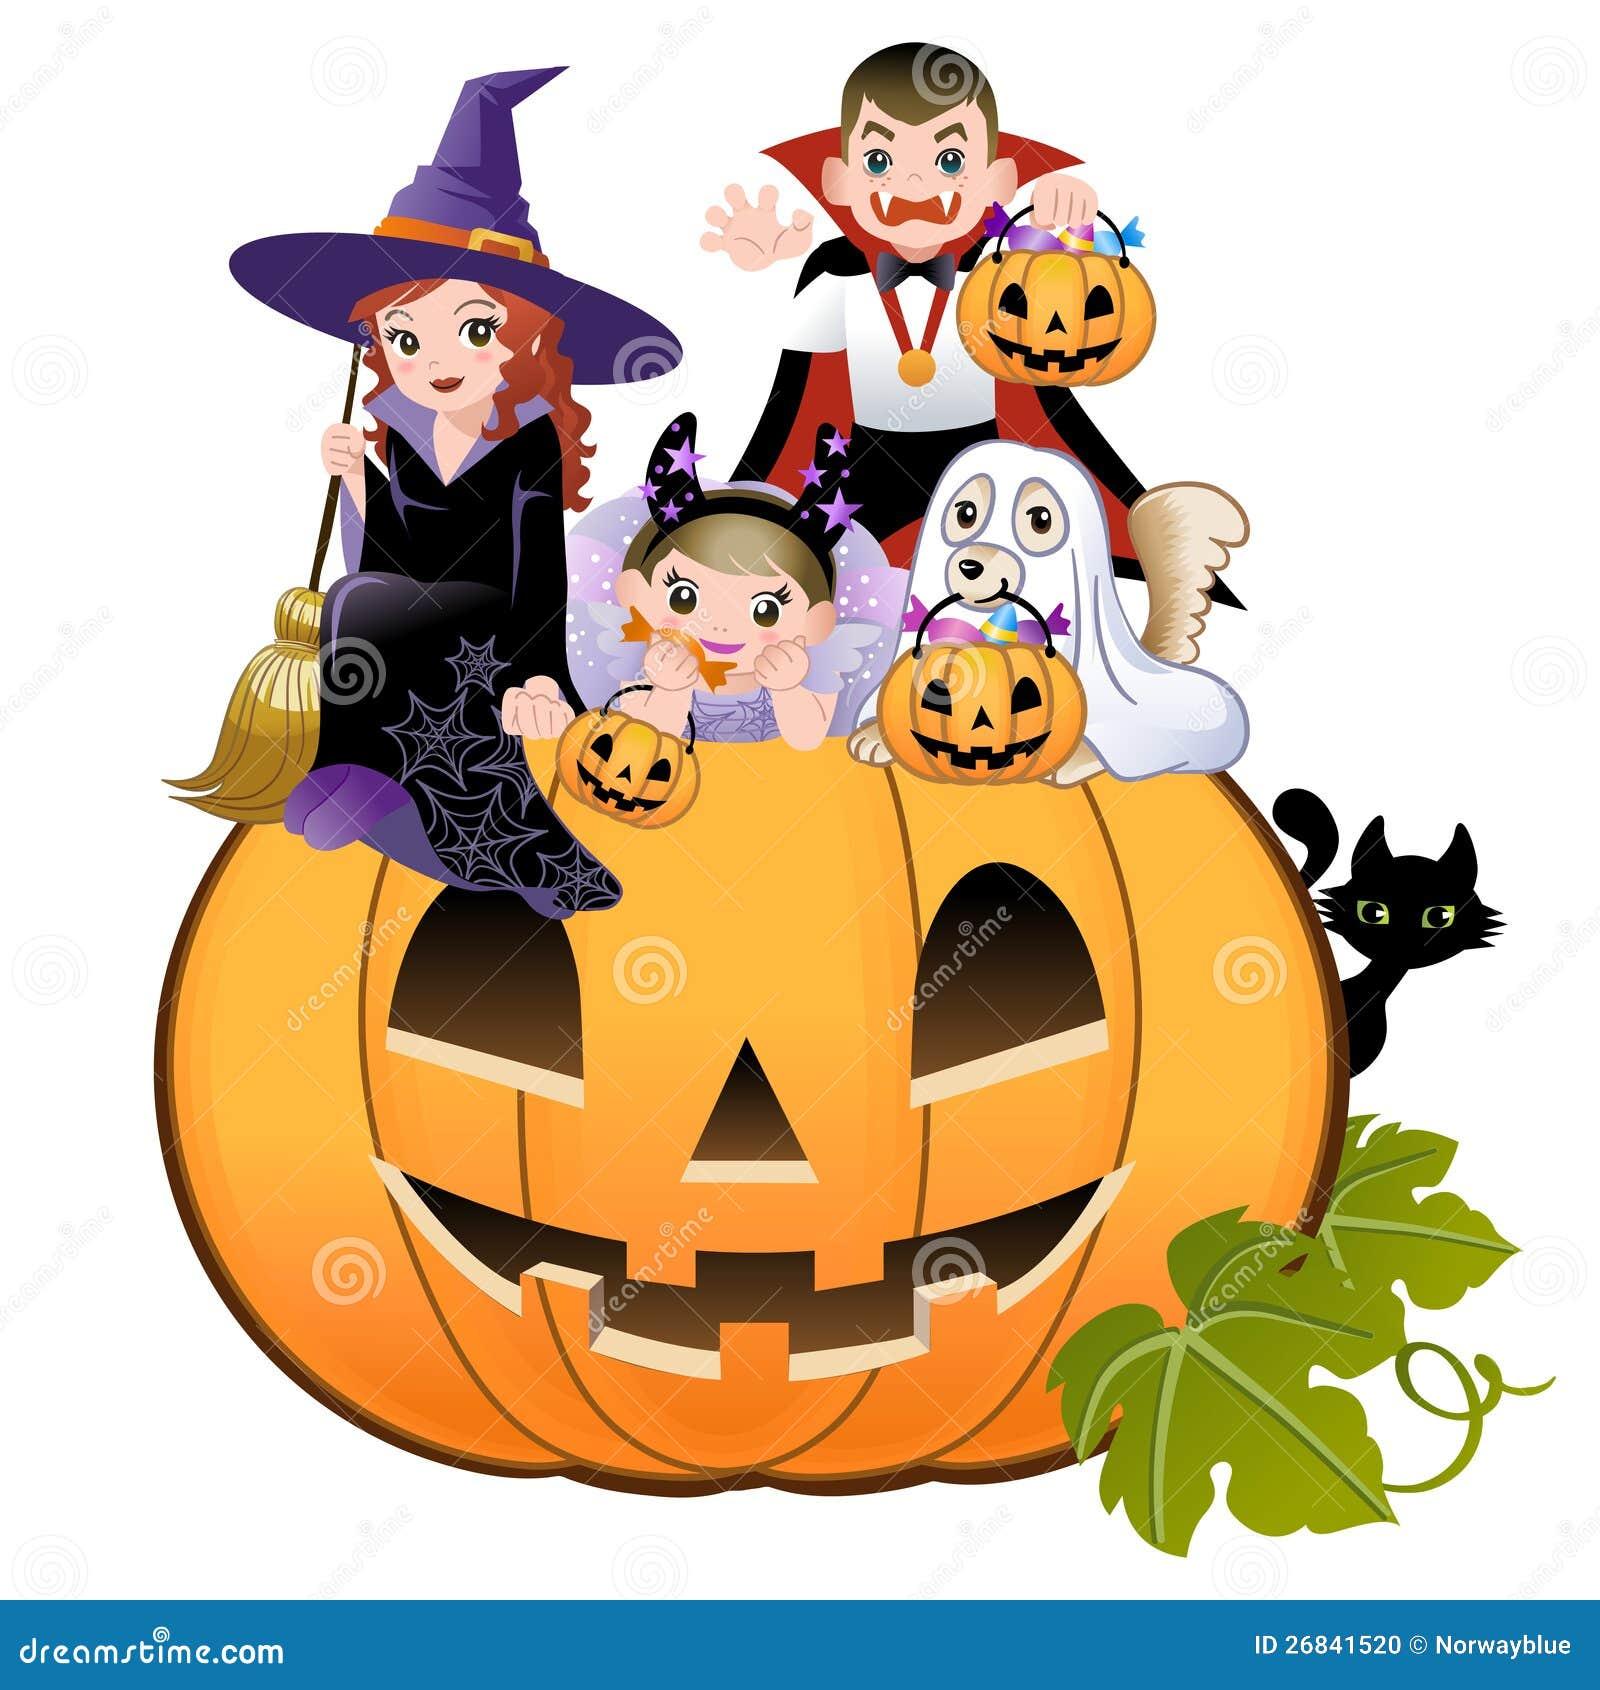 Kinderen Halloween.Halloween Children Wearing Costume On Pumpkin Stock Vector